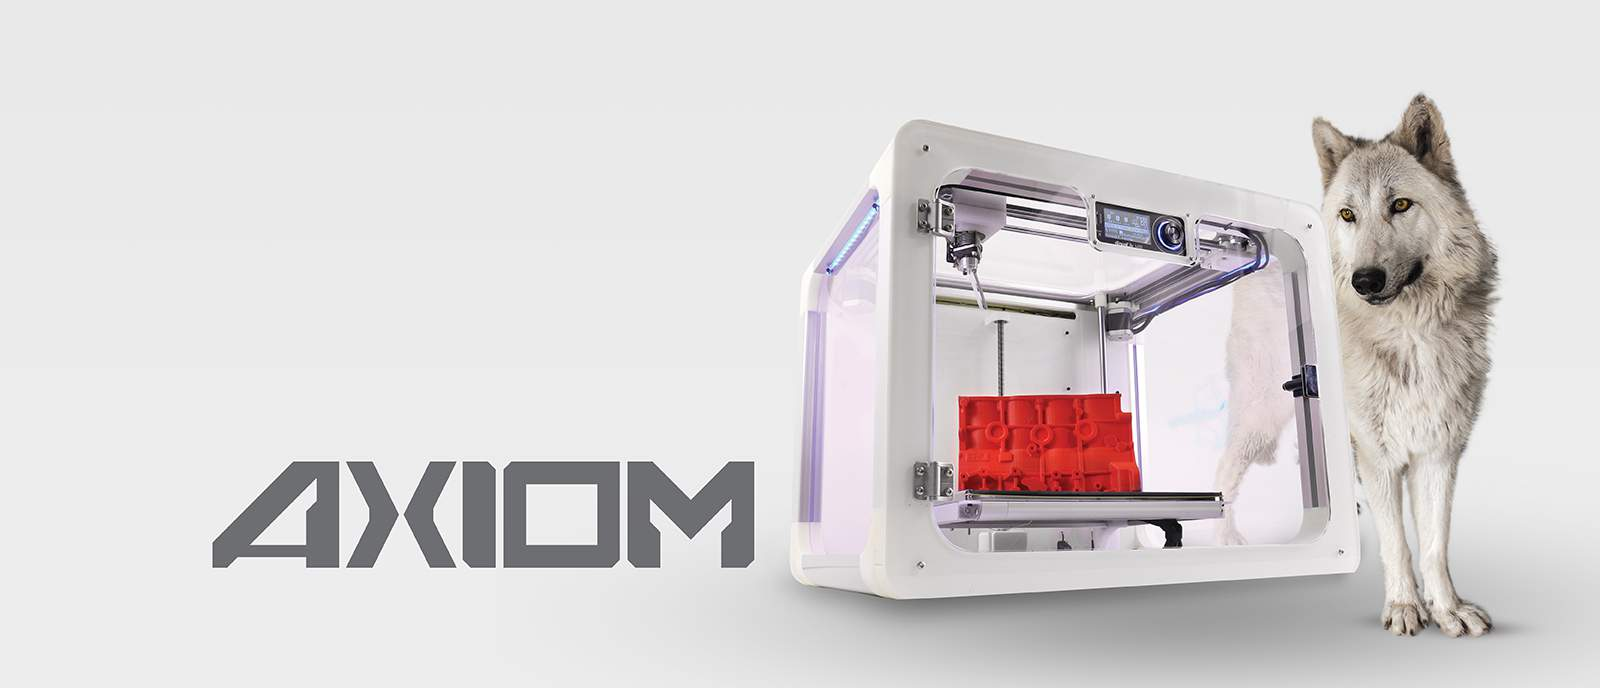 Axiom 3D printer Slider iamge